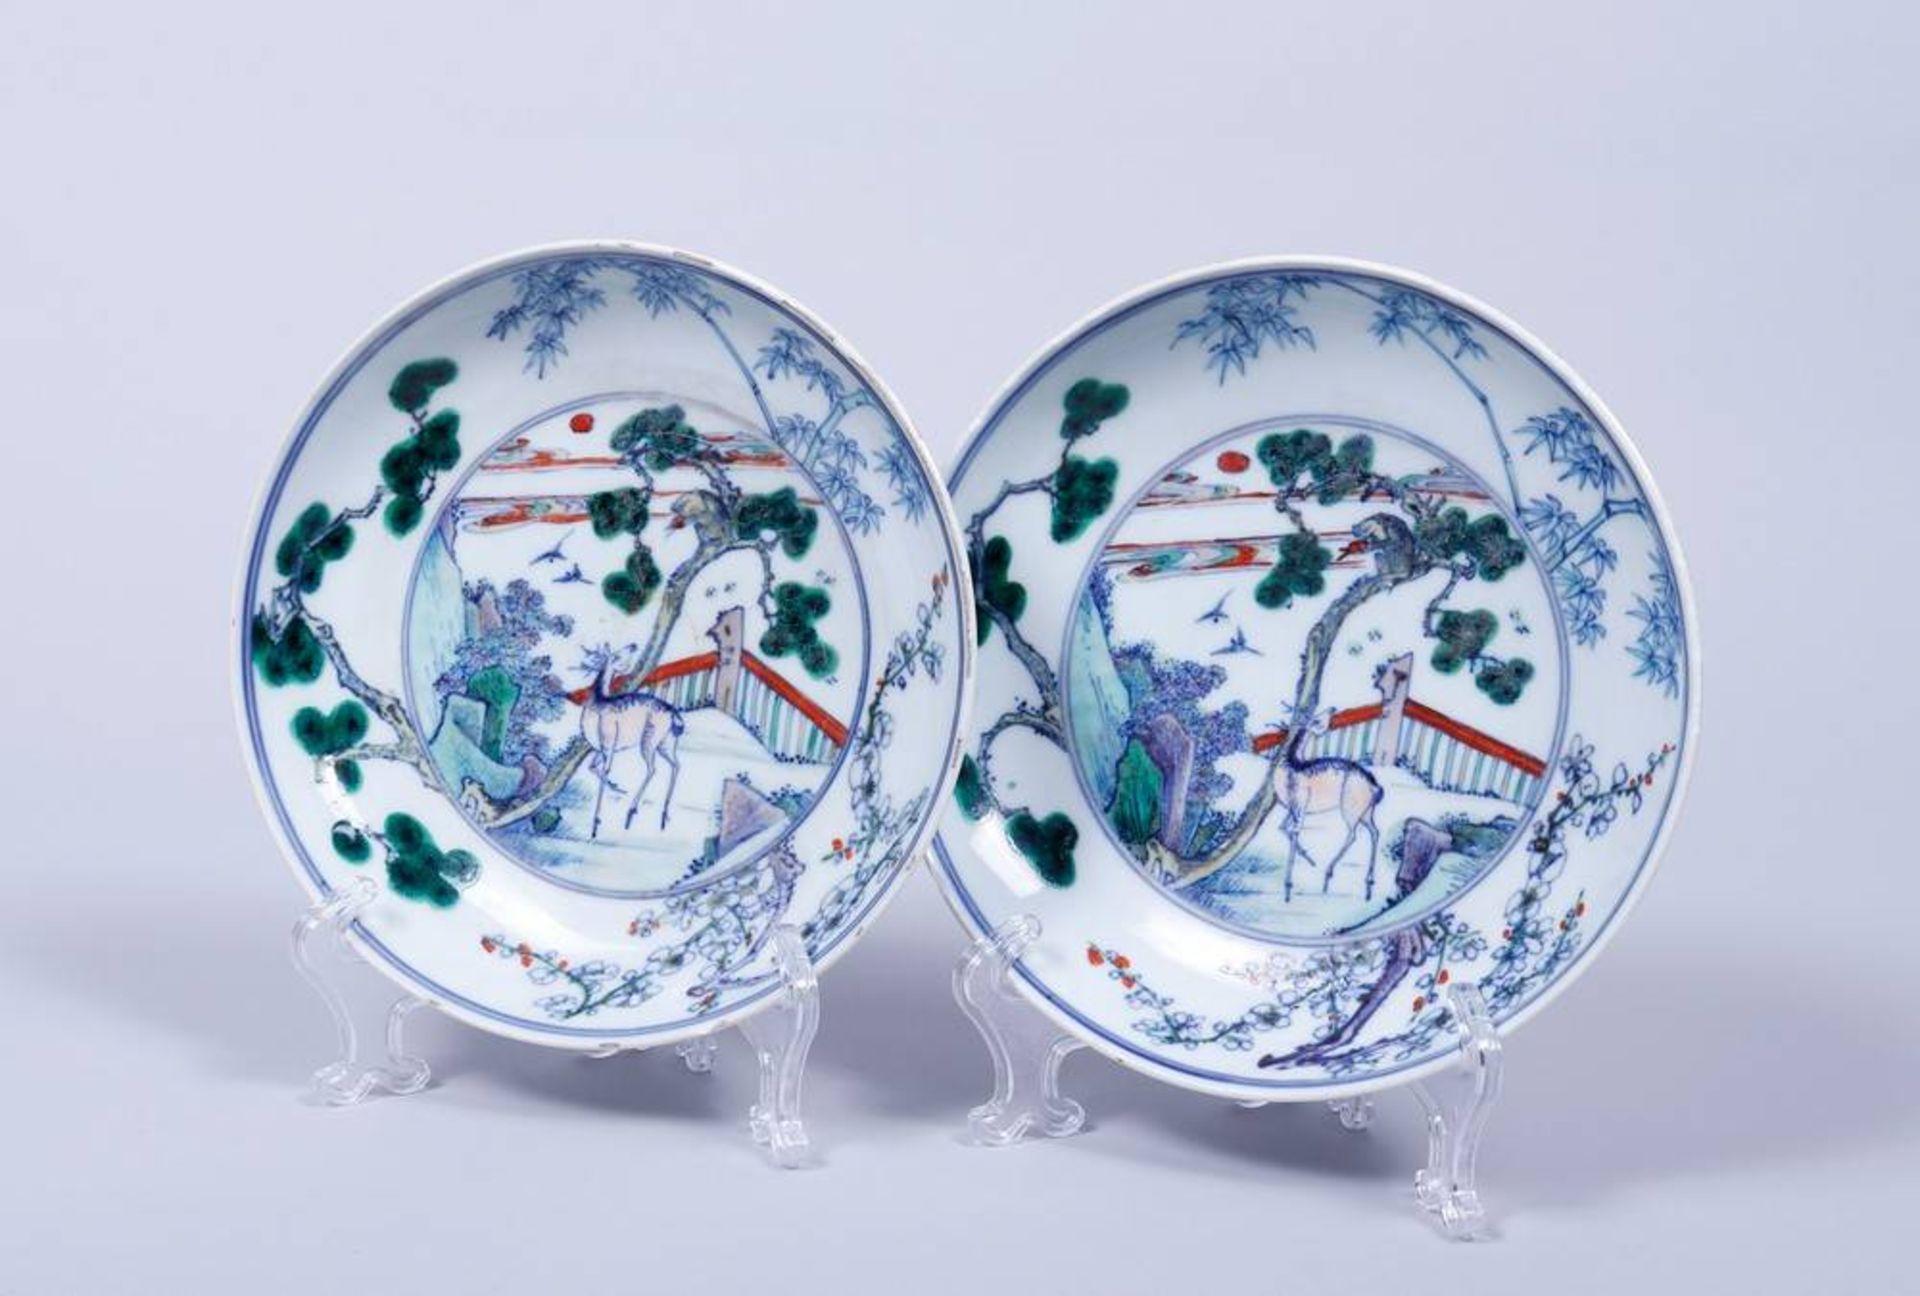 2 Doucai-Teller, China, wohl 19.Jh. im Spiegel Parklandschaft mit Affe und Hirsch,